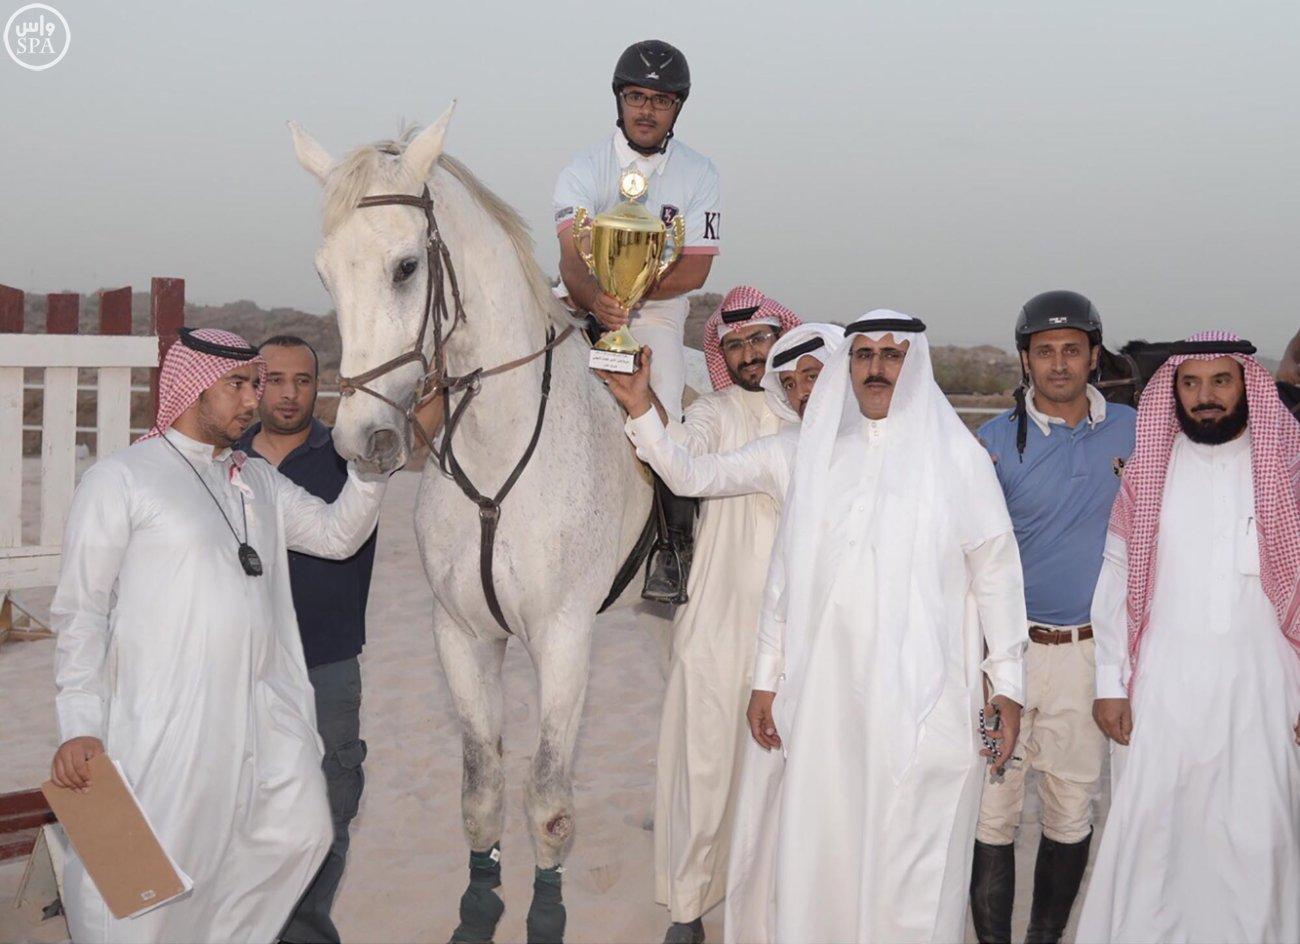 اختتام بطولة قفز الحواجز على كأس الأمير فيصل بن خالد بأبها